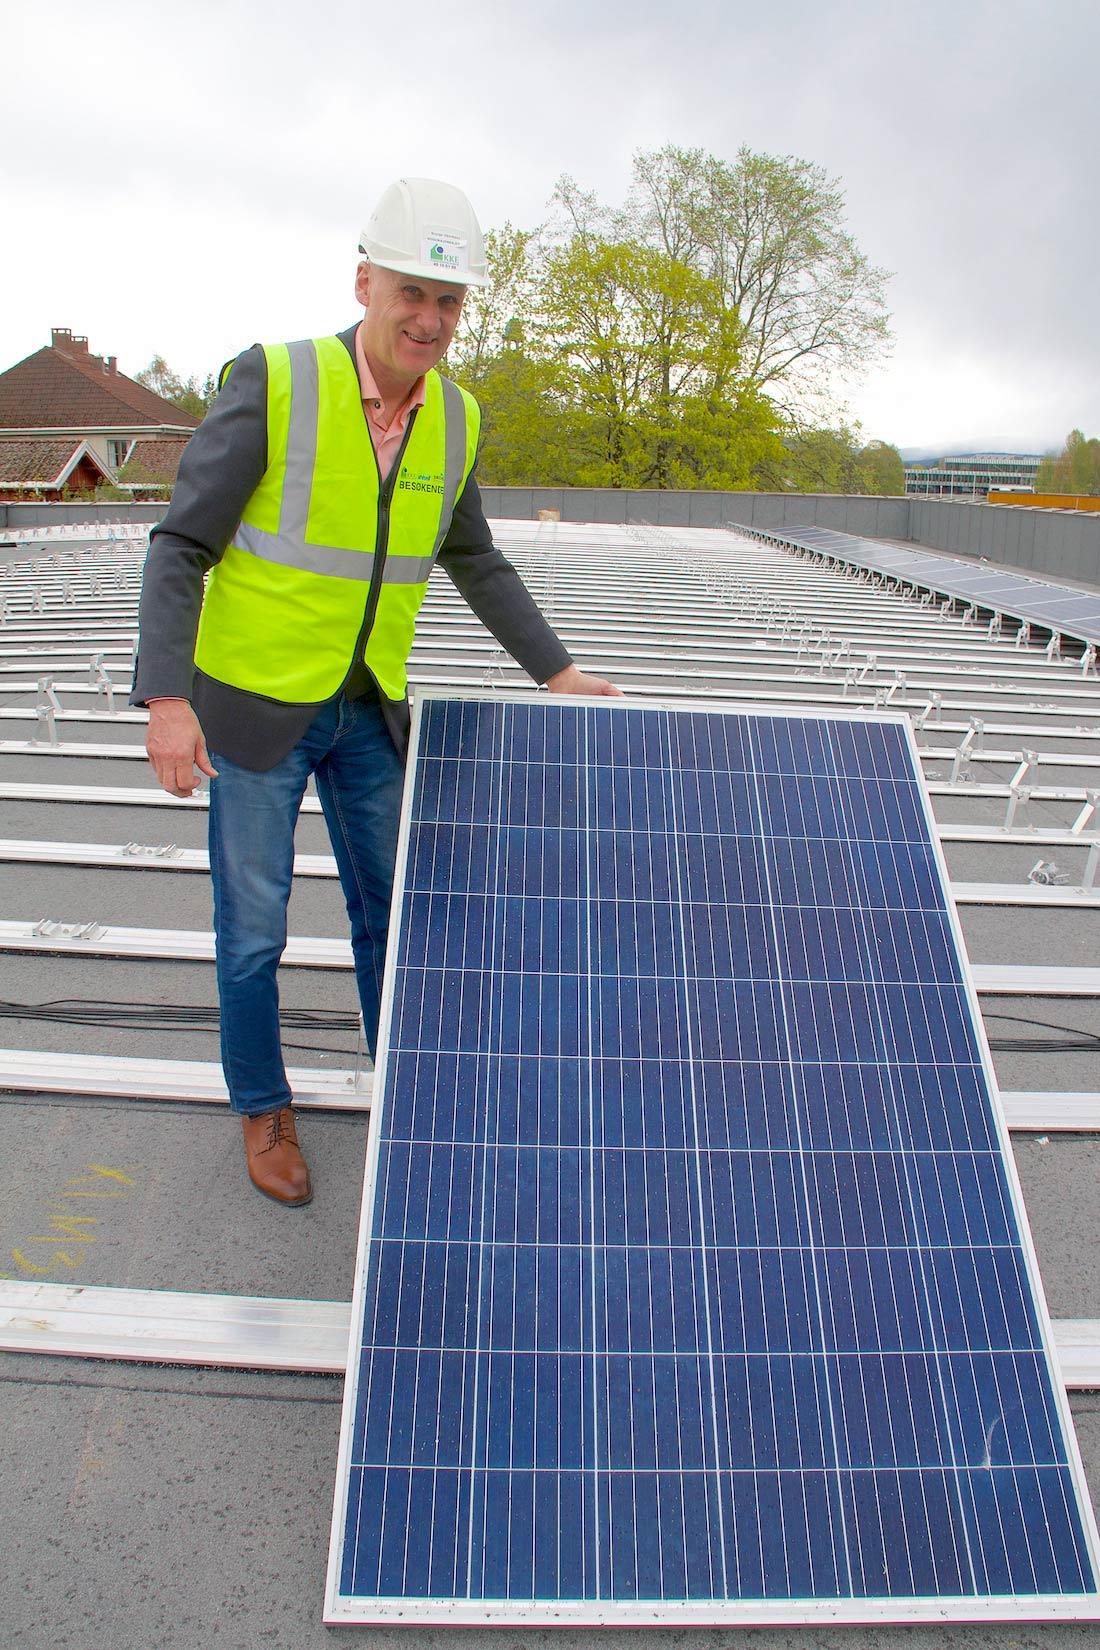 SOLENERGI-LAGRING: Brynjar Henriksen viser fram solcellepanelene som nå monteres på taket av den nye skolen.